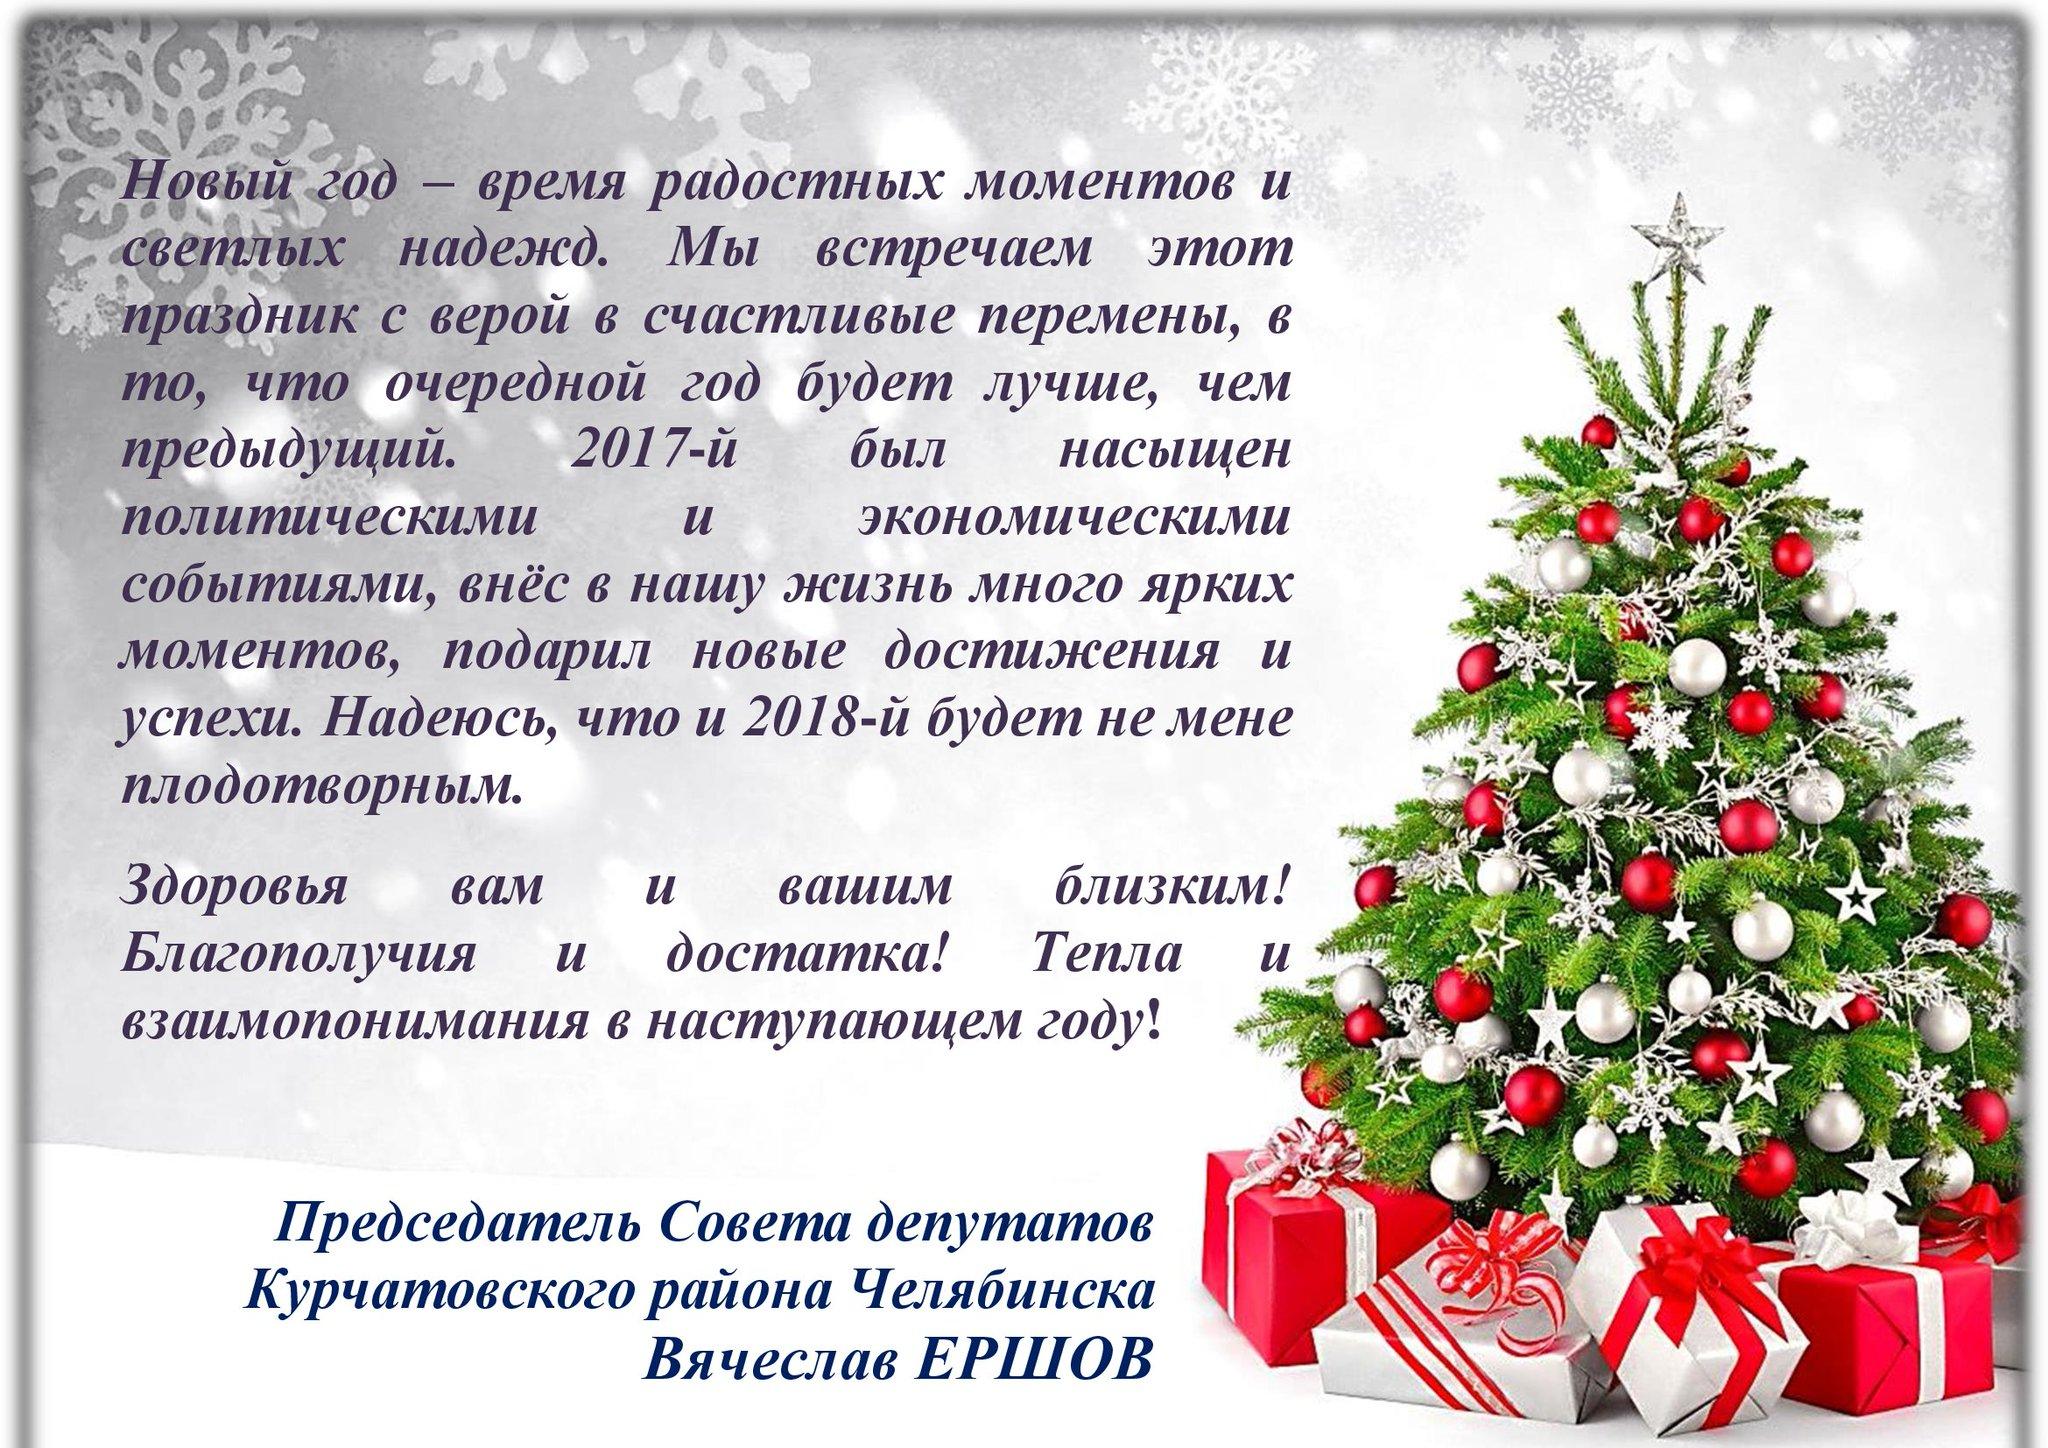 прозрачная профсоюзный молодежный совет поздравление новым годом вот